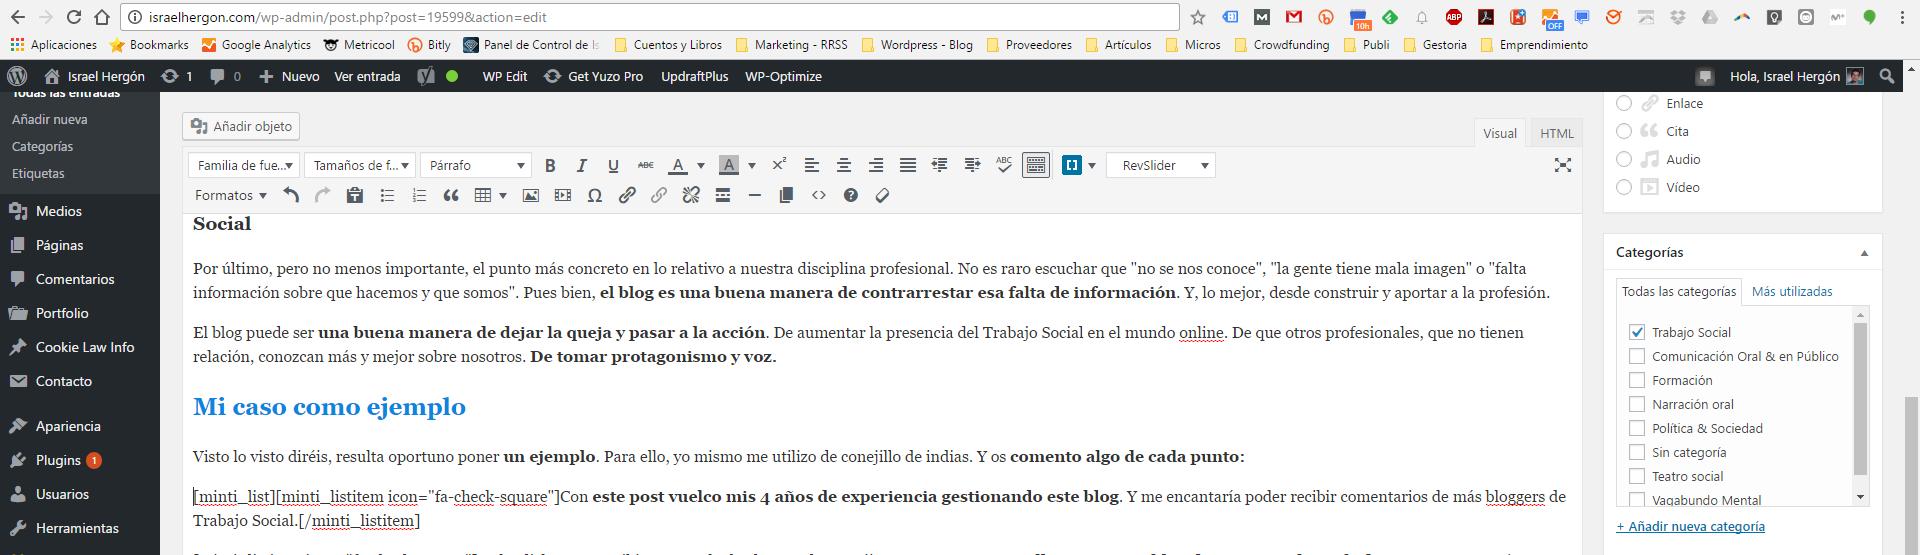 ihgblog-entrañas